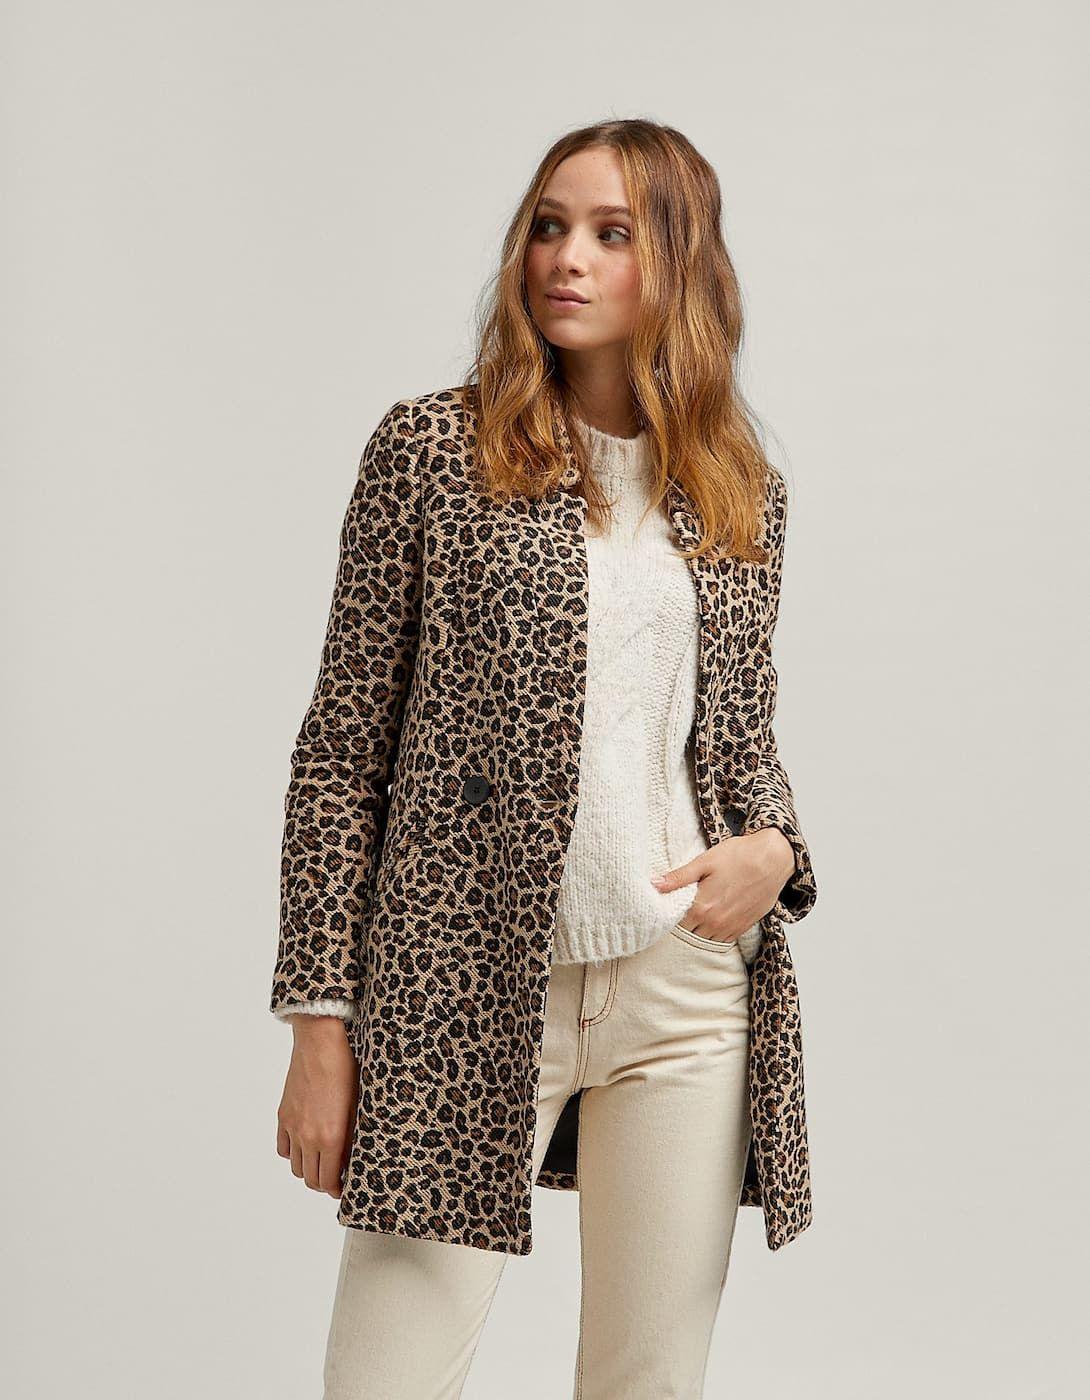 c3bcf6622b Abrigo leopardo cruzado - Abrigos de mujer